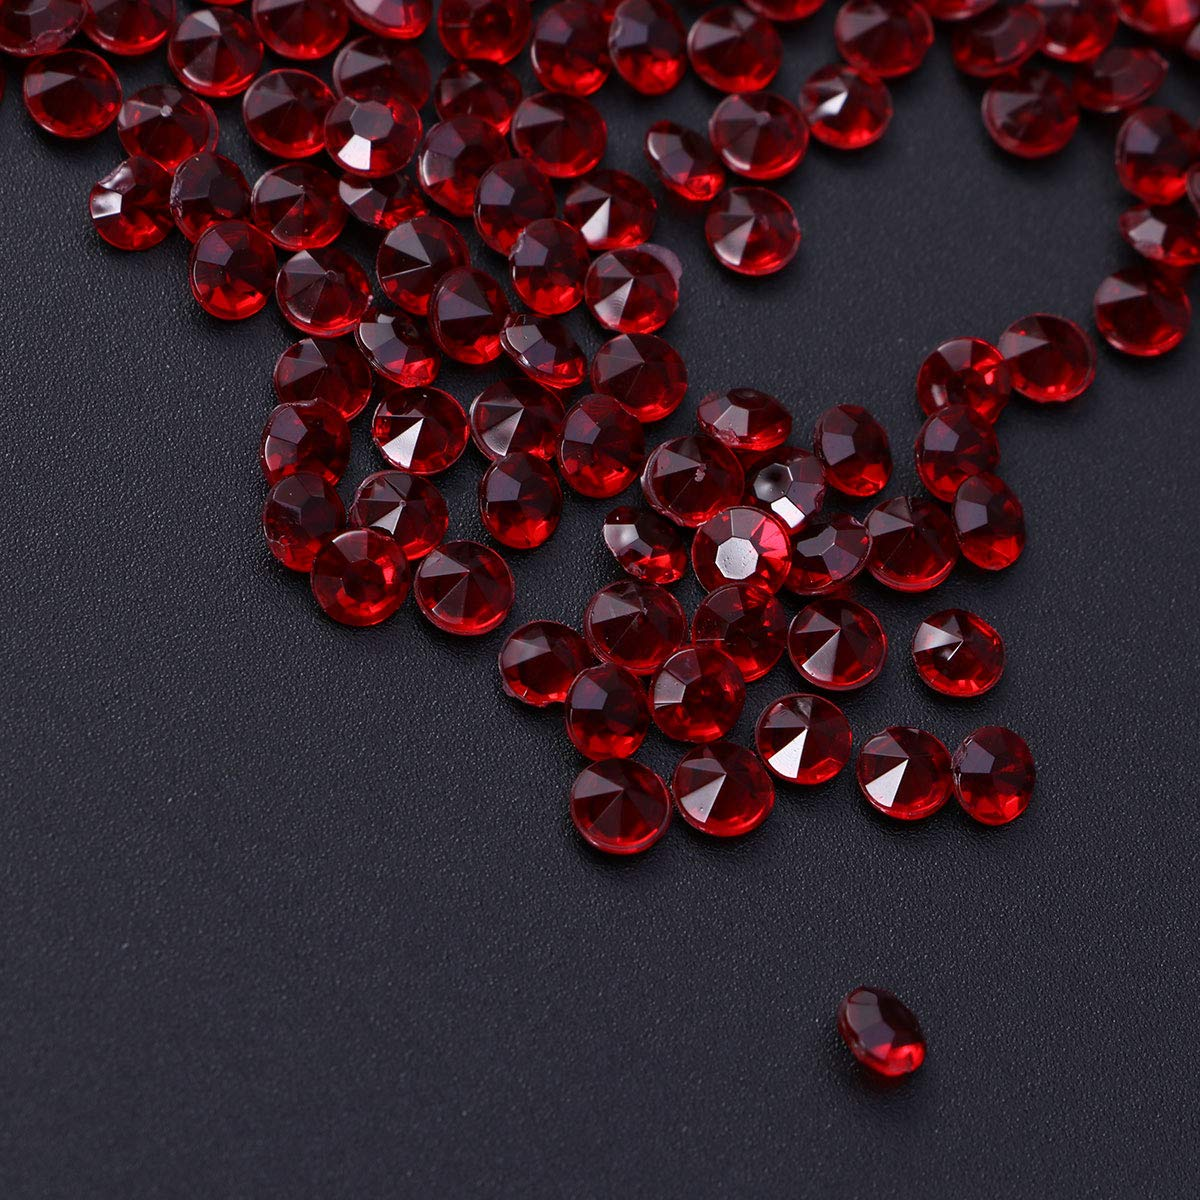 Rot SUPVOX Deko Diamante Kristall Dekosteine Tischdeko Diamanten Hochzeit Streudeko 4,5mm 2000 St/ück